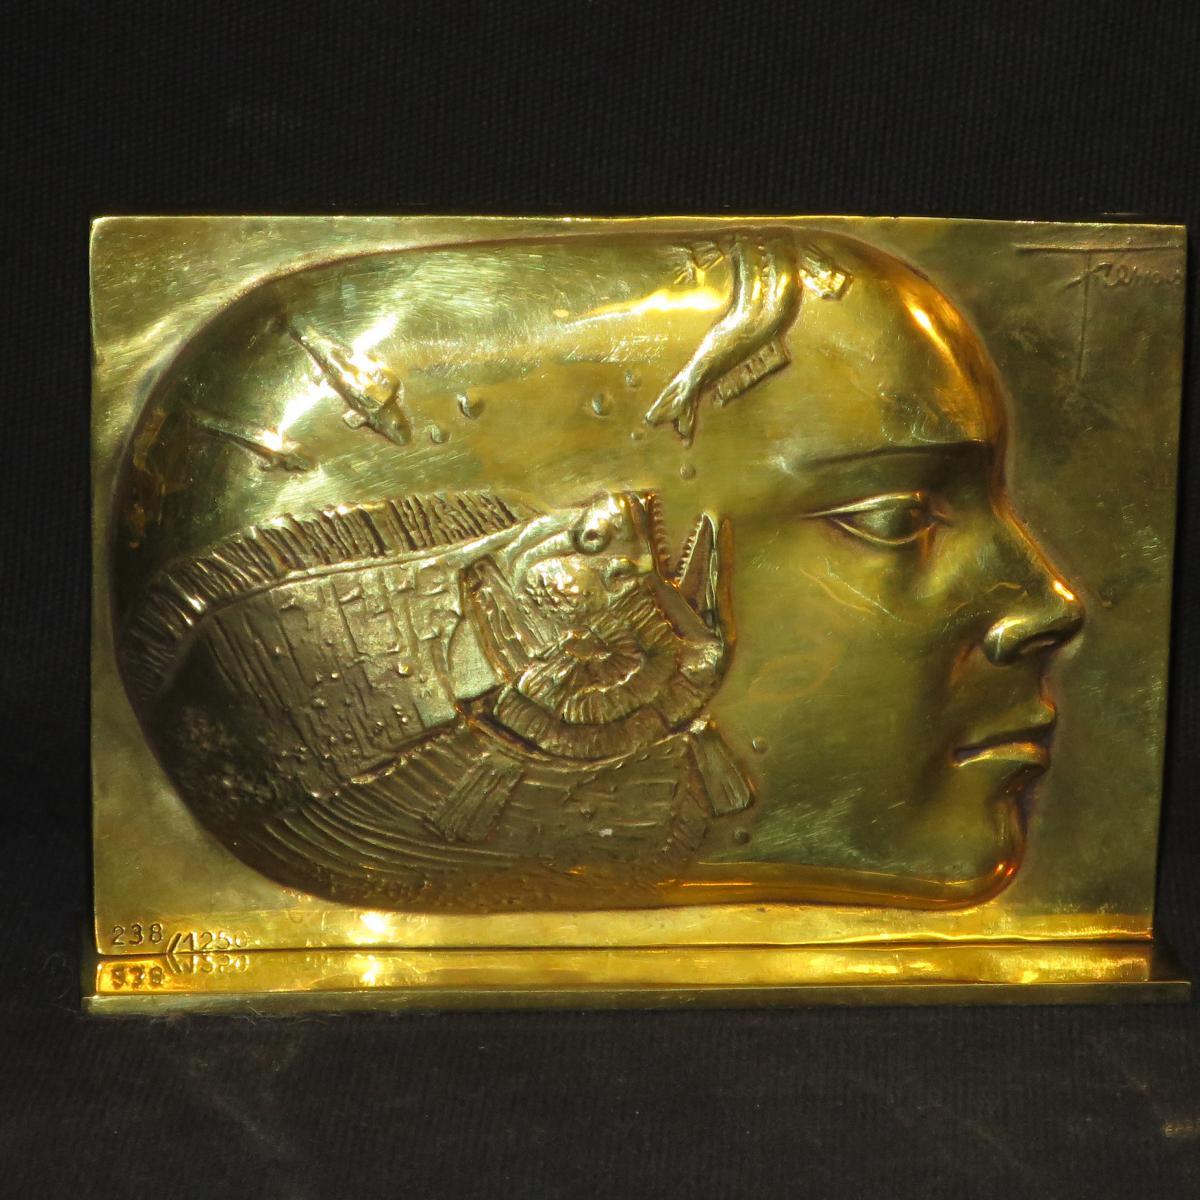 Piere-Yves TREMOIS sculpture en bronze 1988 Trémois